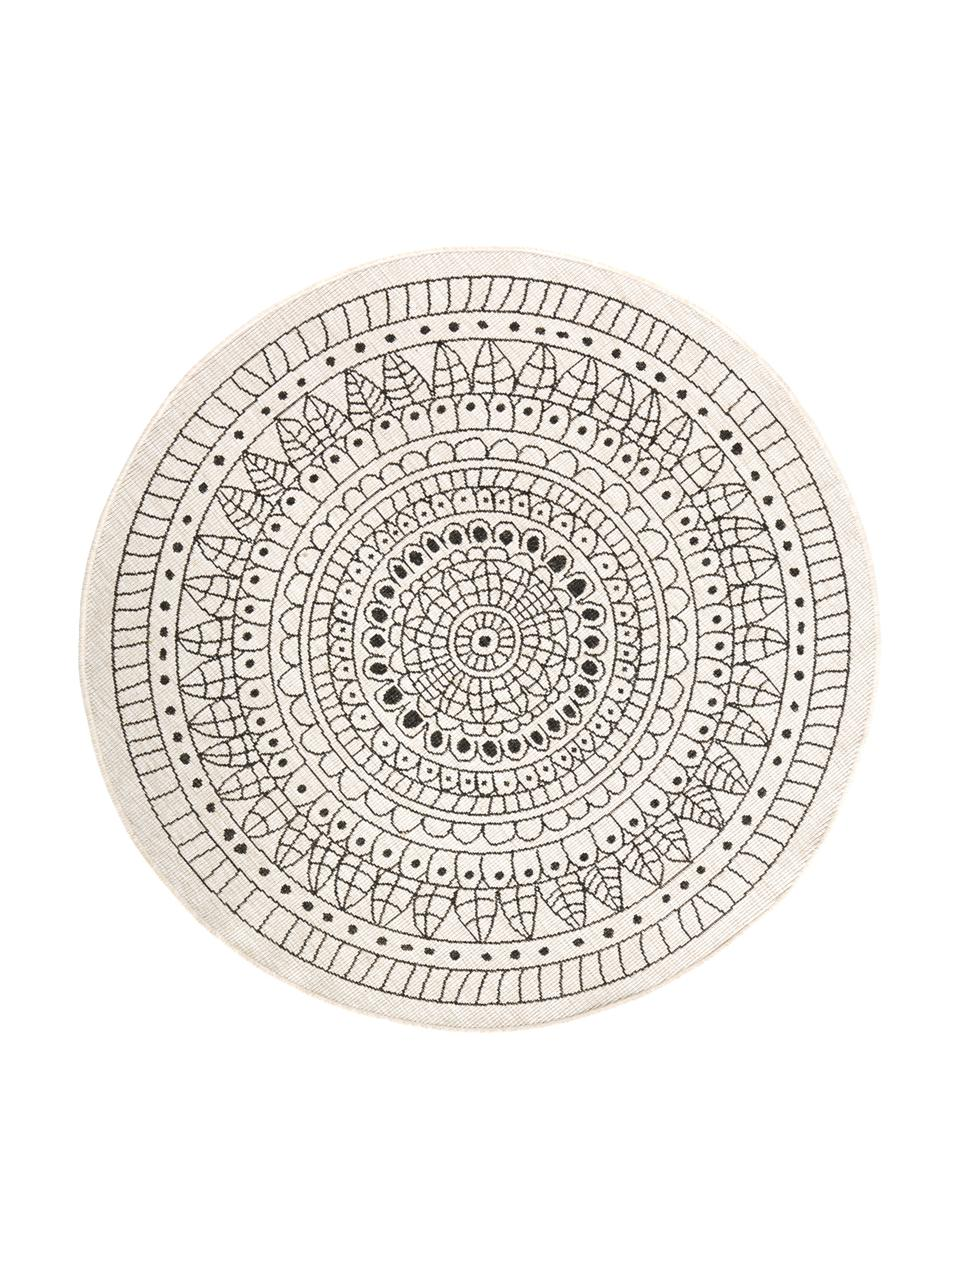 Okrągły dwustronny dywan wewnętrzny/zewnętrzny Porto, Czarny, odcienie kremowego, Ø 140 cm (Rozmiar M)